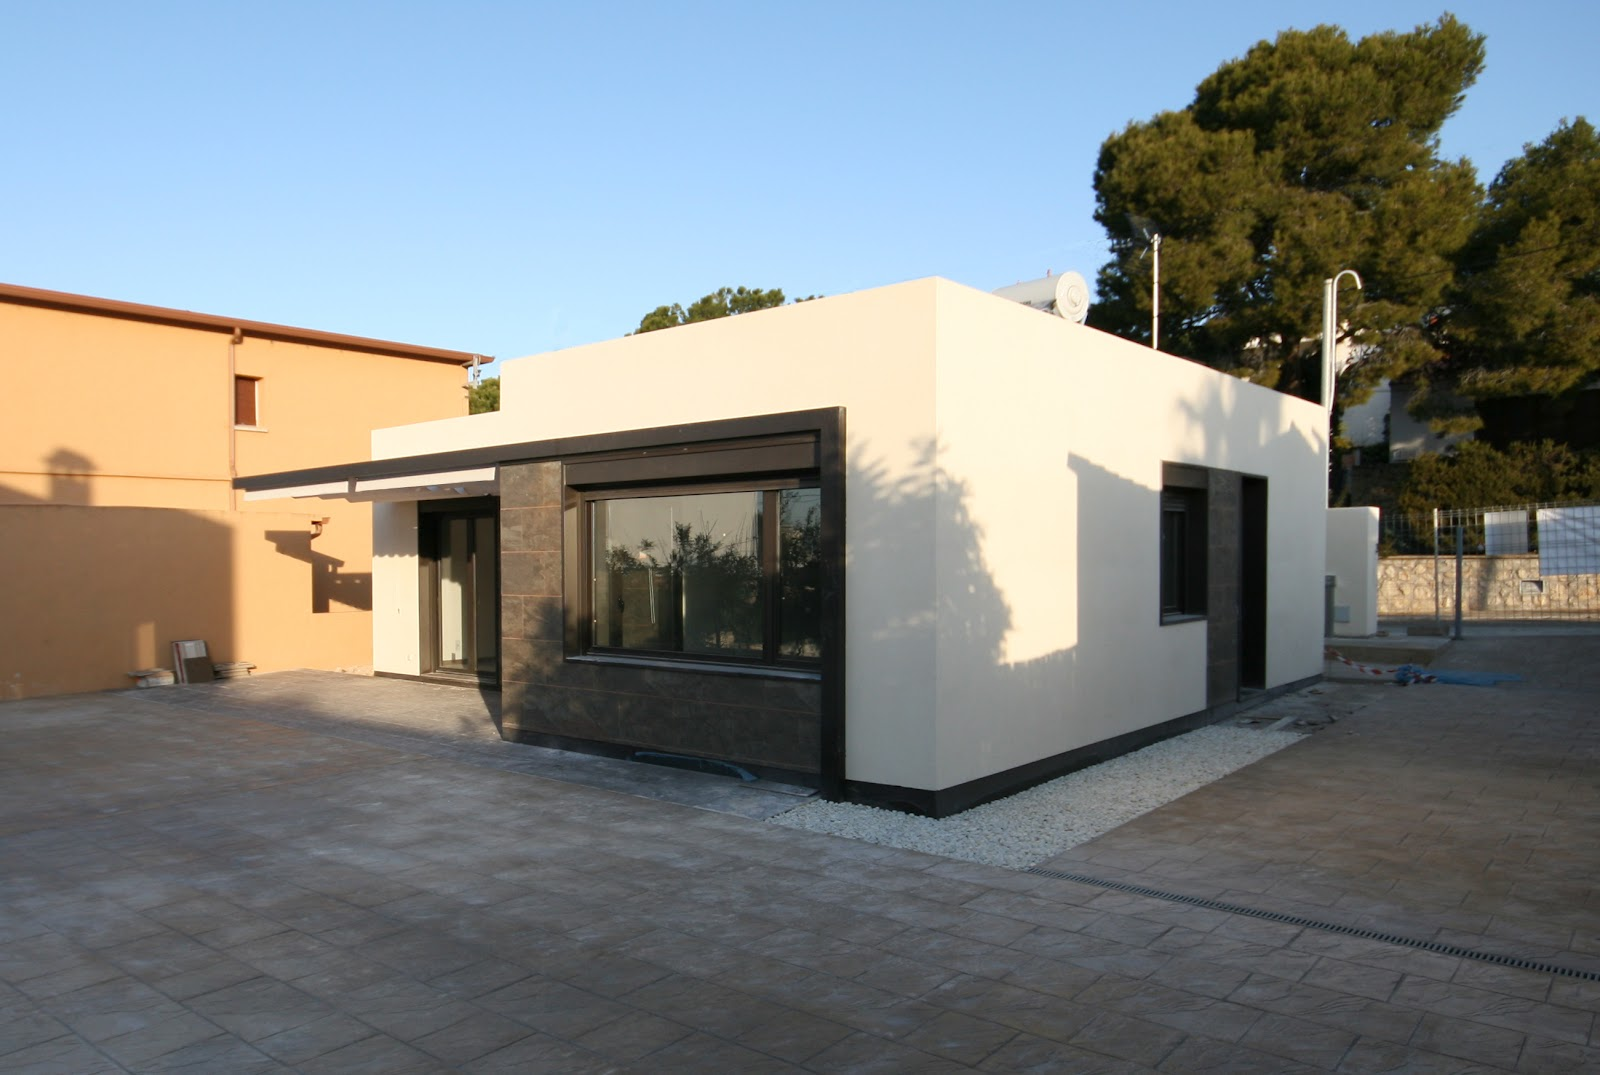 Casas prefabricadas hormigon - Casas modulares de hormigon ...